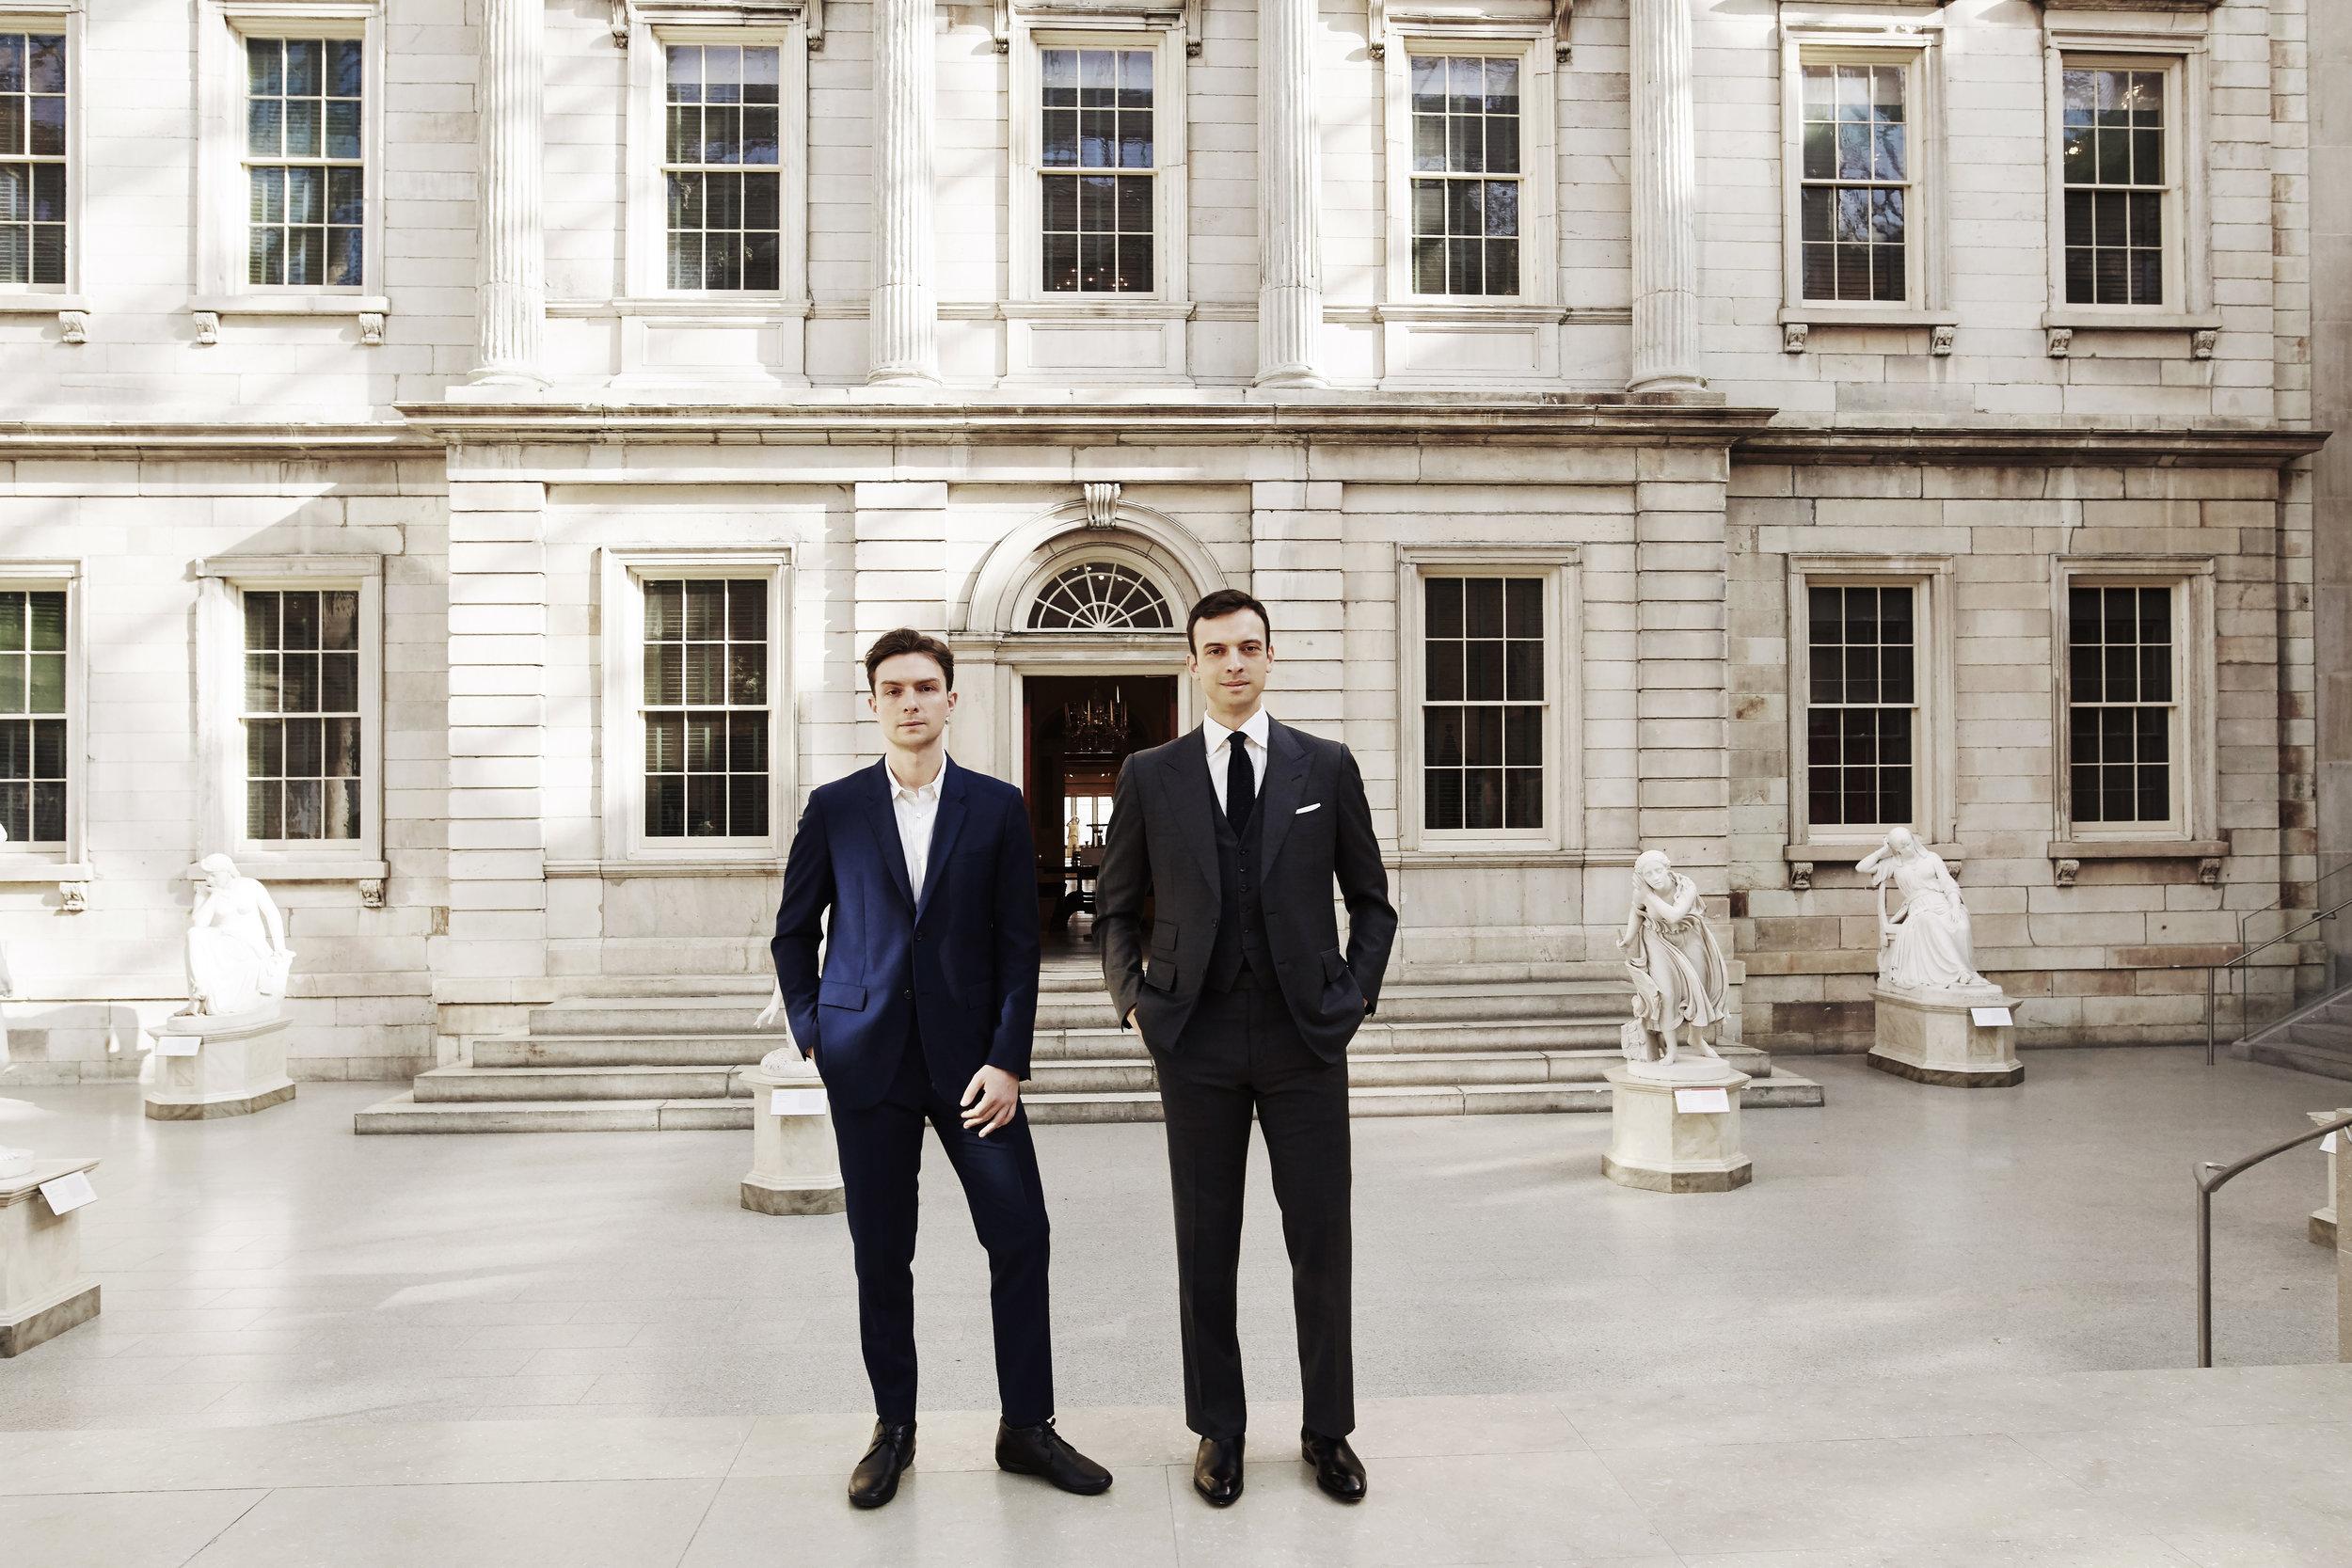 Noah & Eric Wunsch at the Met